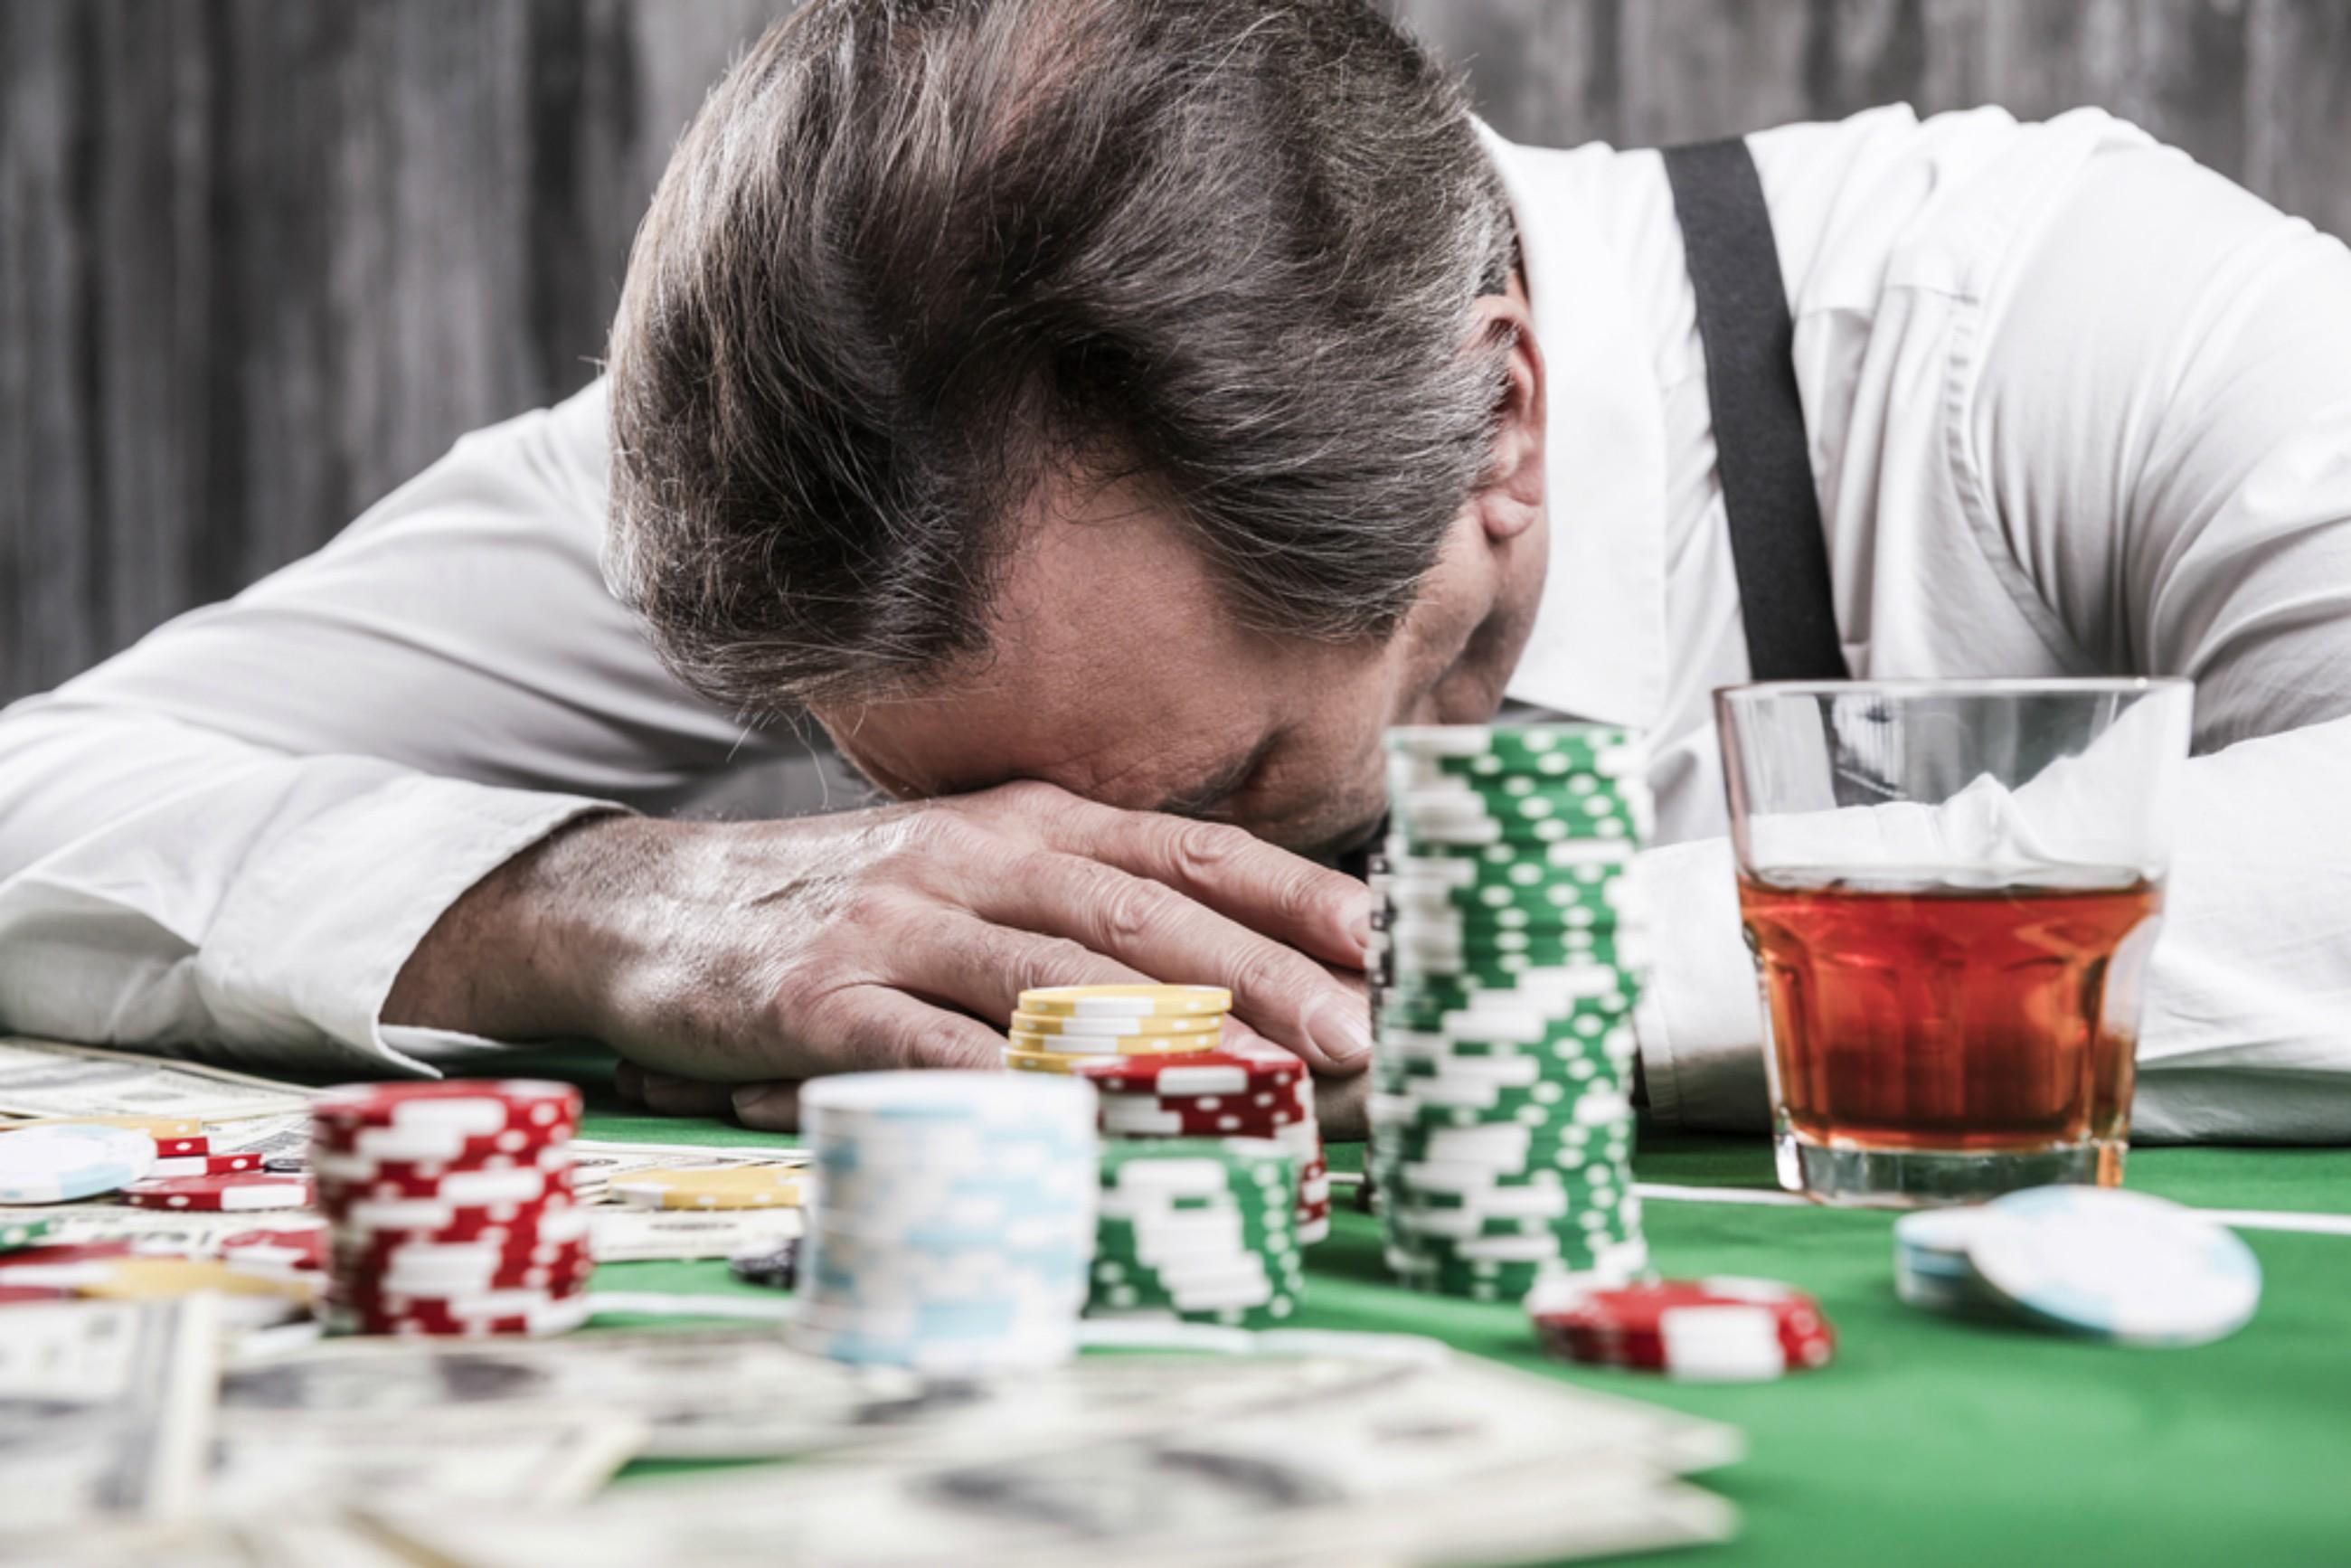 Gioco d'azzardo in Italia: pubblicato il Libro Blu con i dati ufficiali sul 2017. Sul nostro sito una sintesi del documento